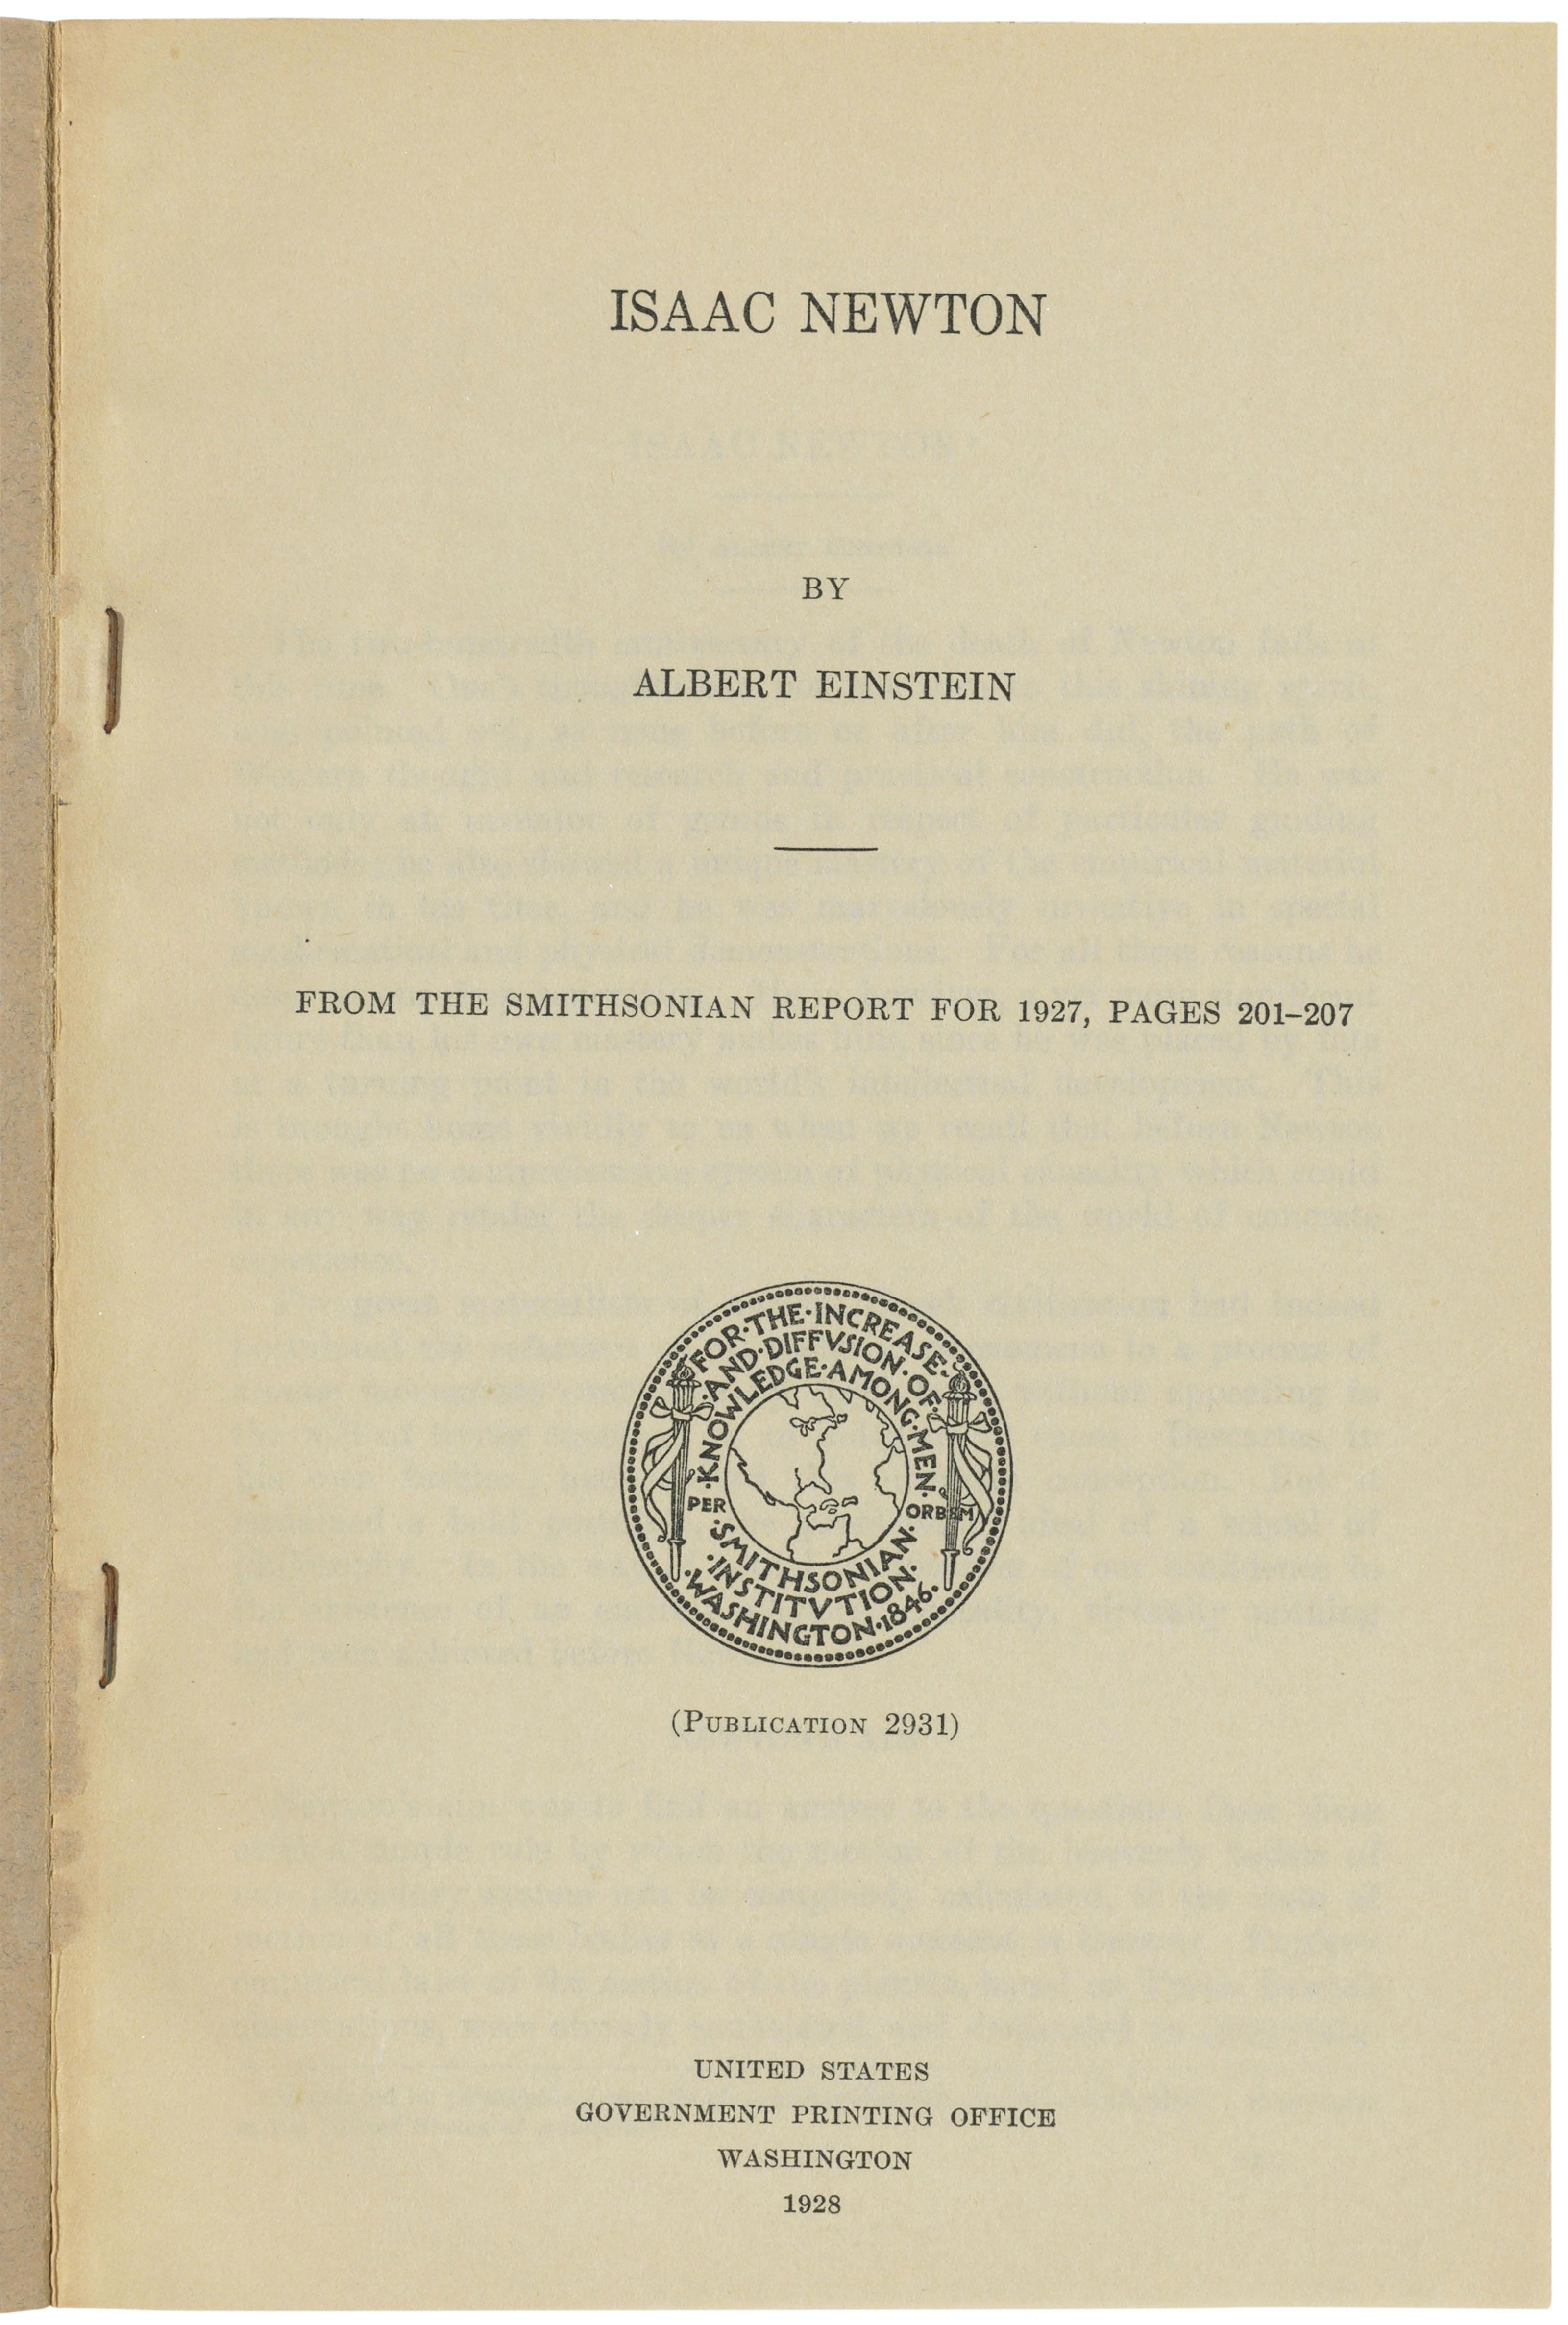 Einstein on Newton: Hans Albert Einstein's copy